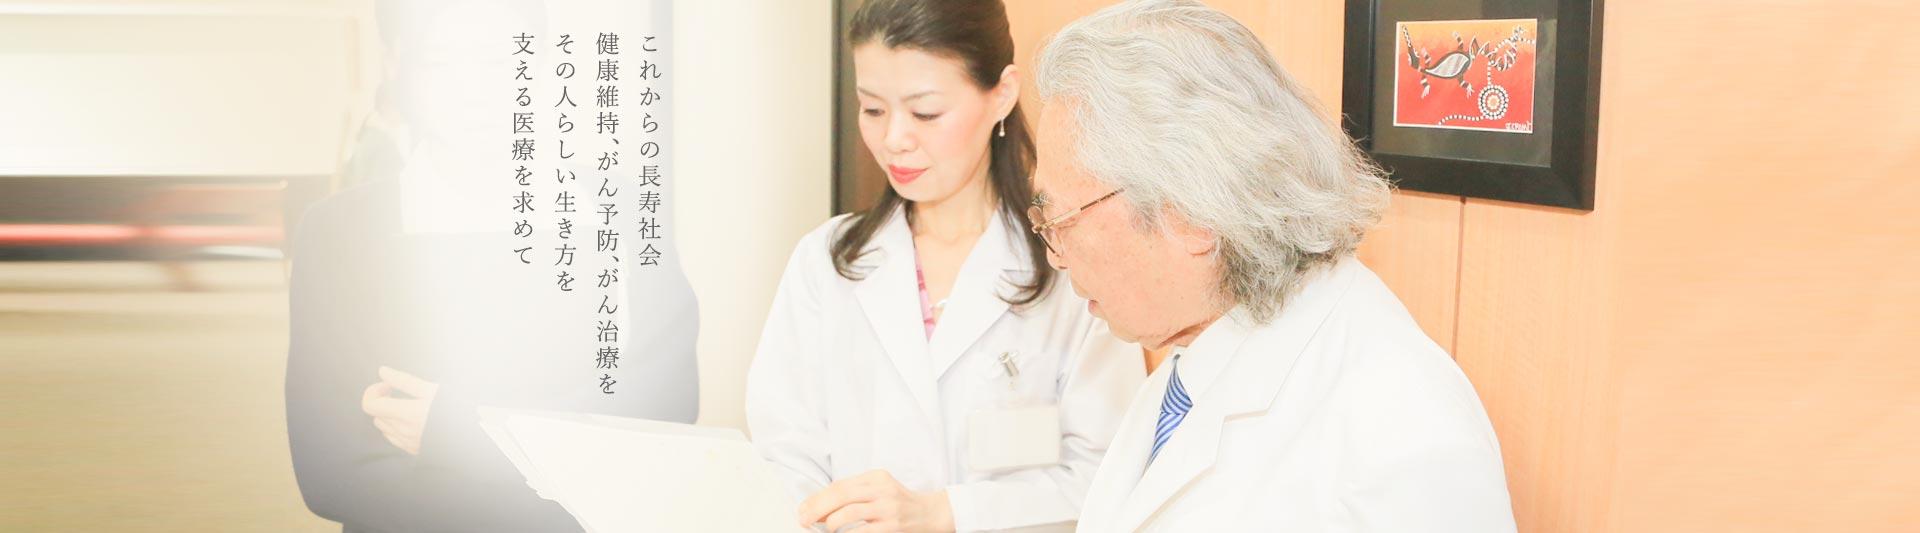 これからの長寿社会 健康維持、がん予防、がん治療を その人らしい生き方を 支える医療を求めて